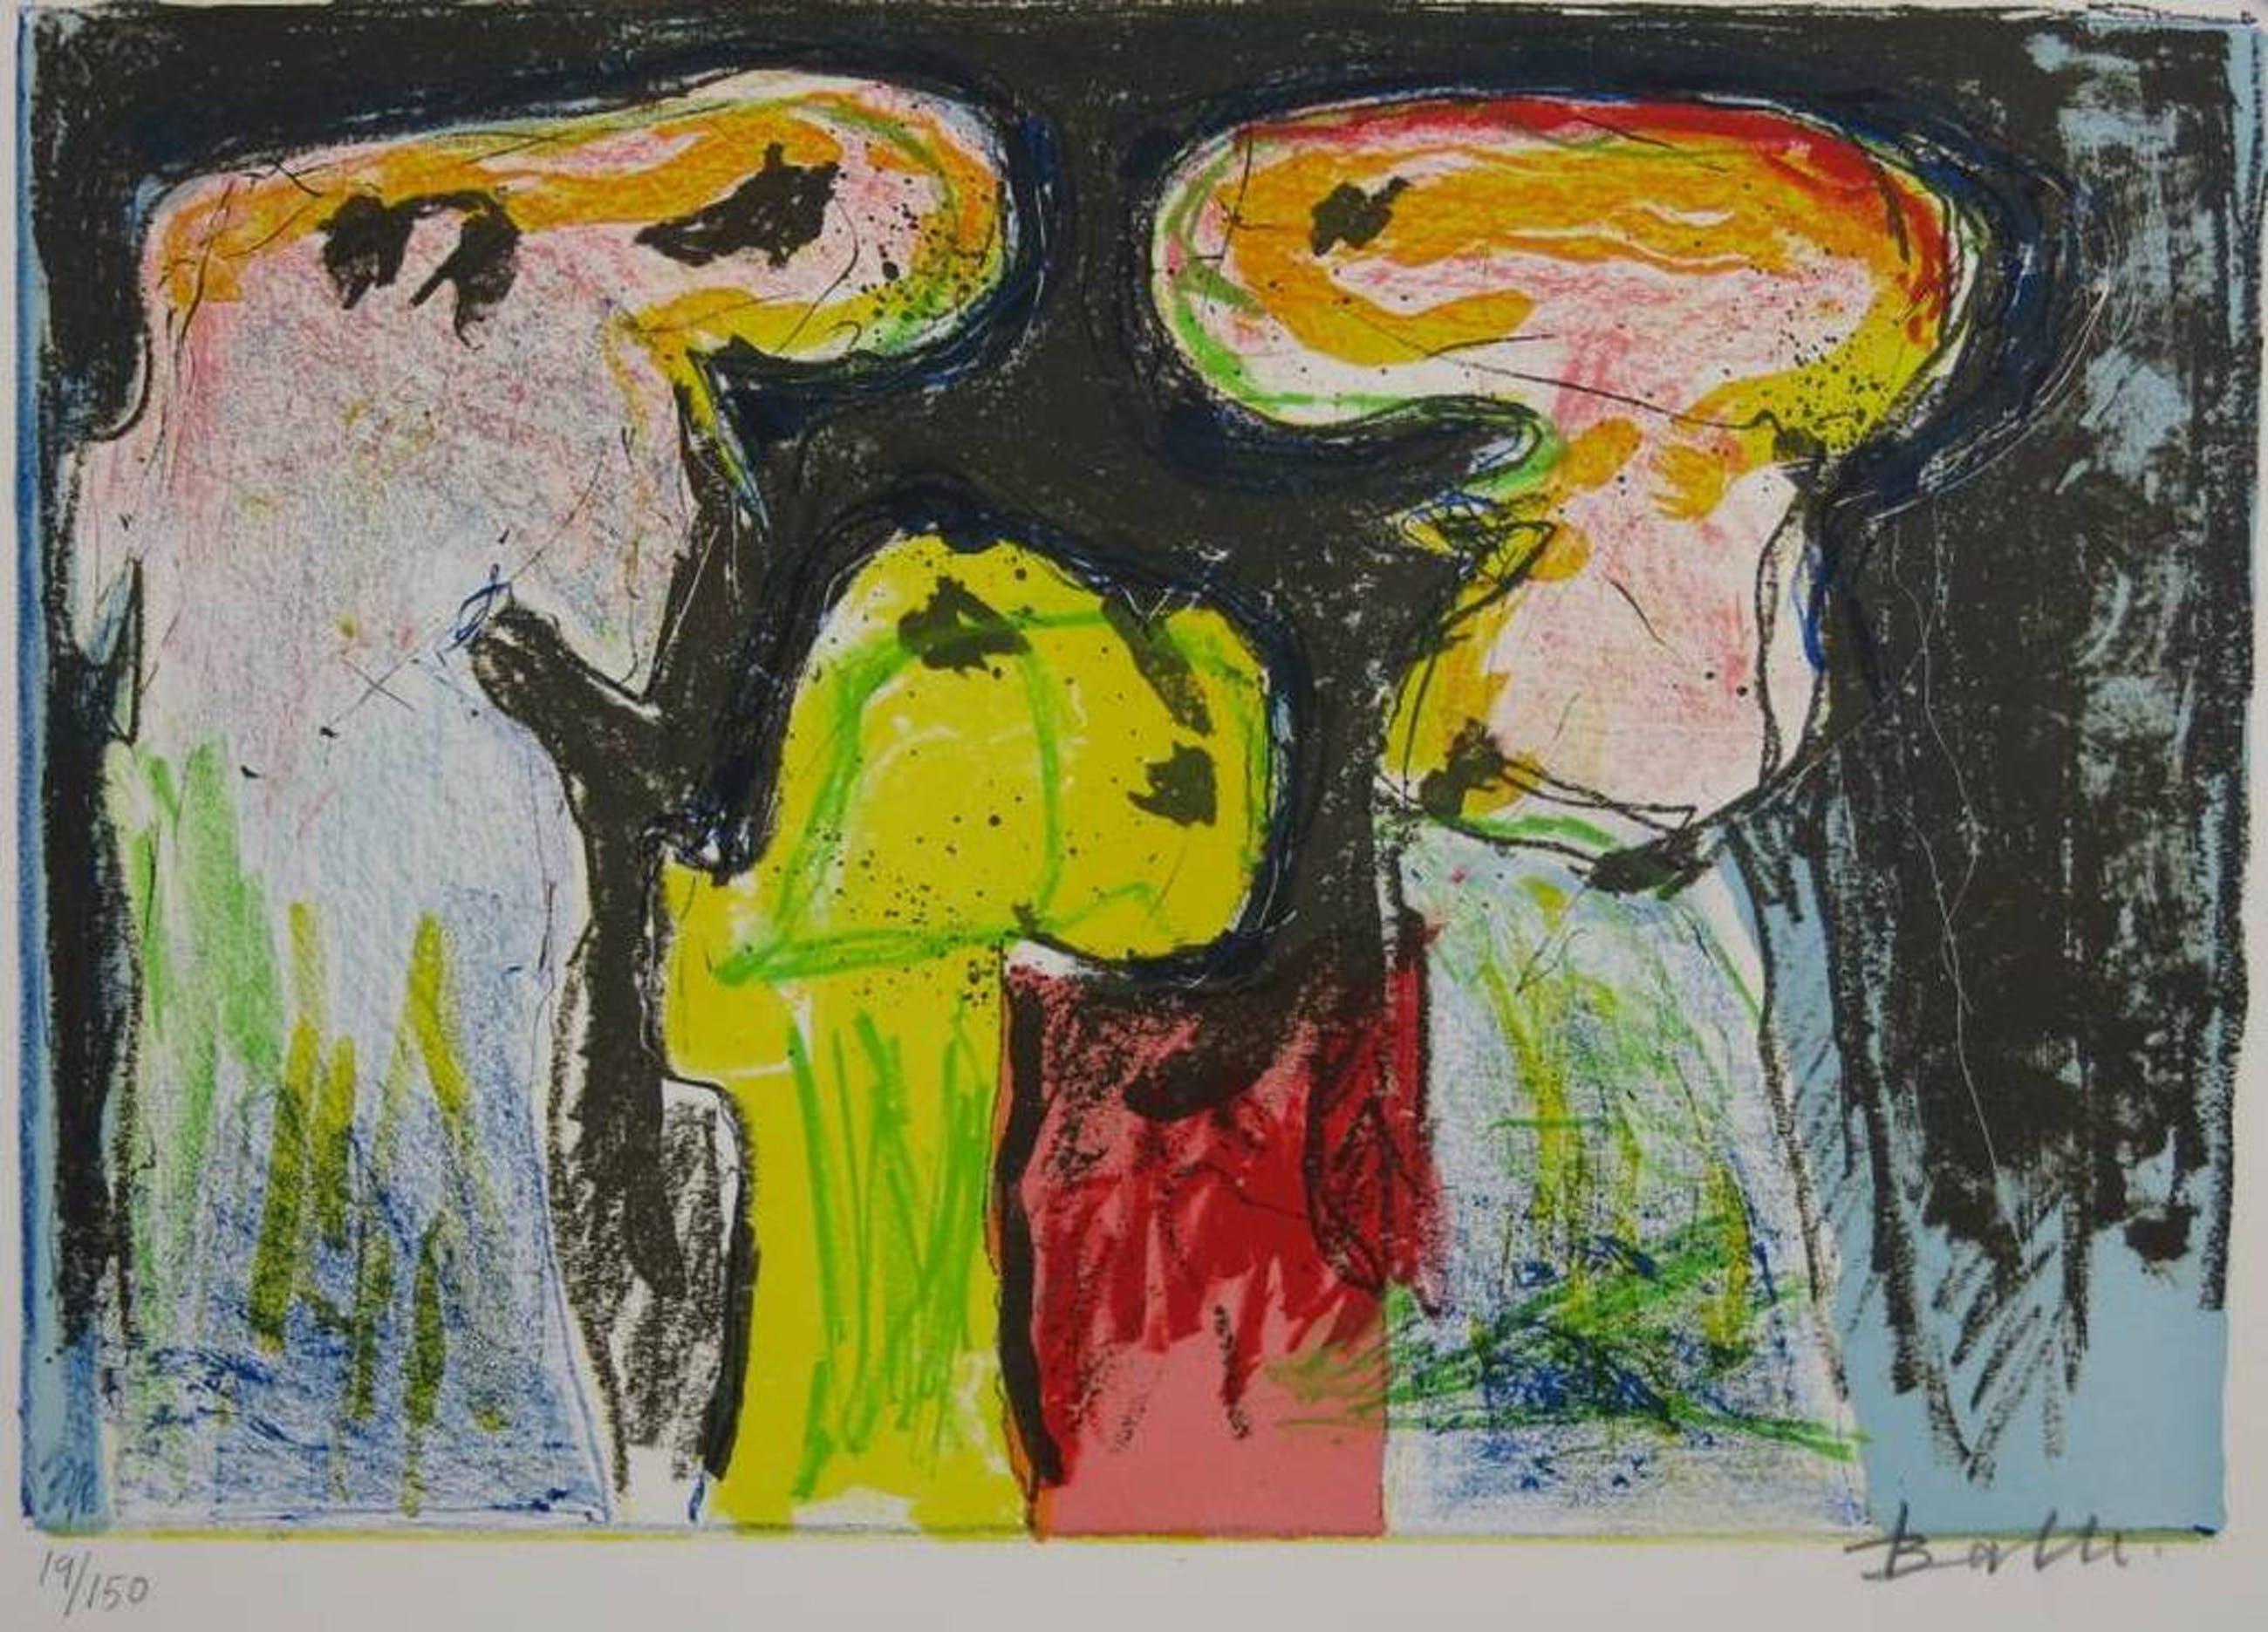 Mogens Balle: Kleurenlitho, Drie Figuren (CoBrA) kopen? Bied vanaf 80!